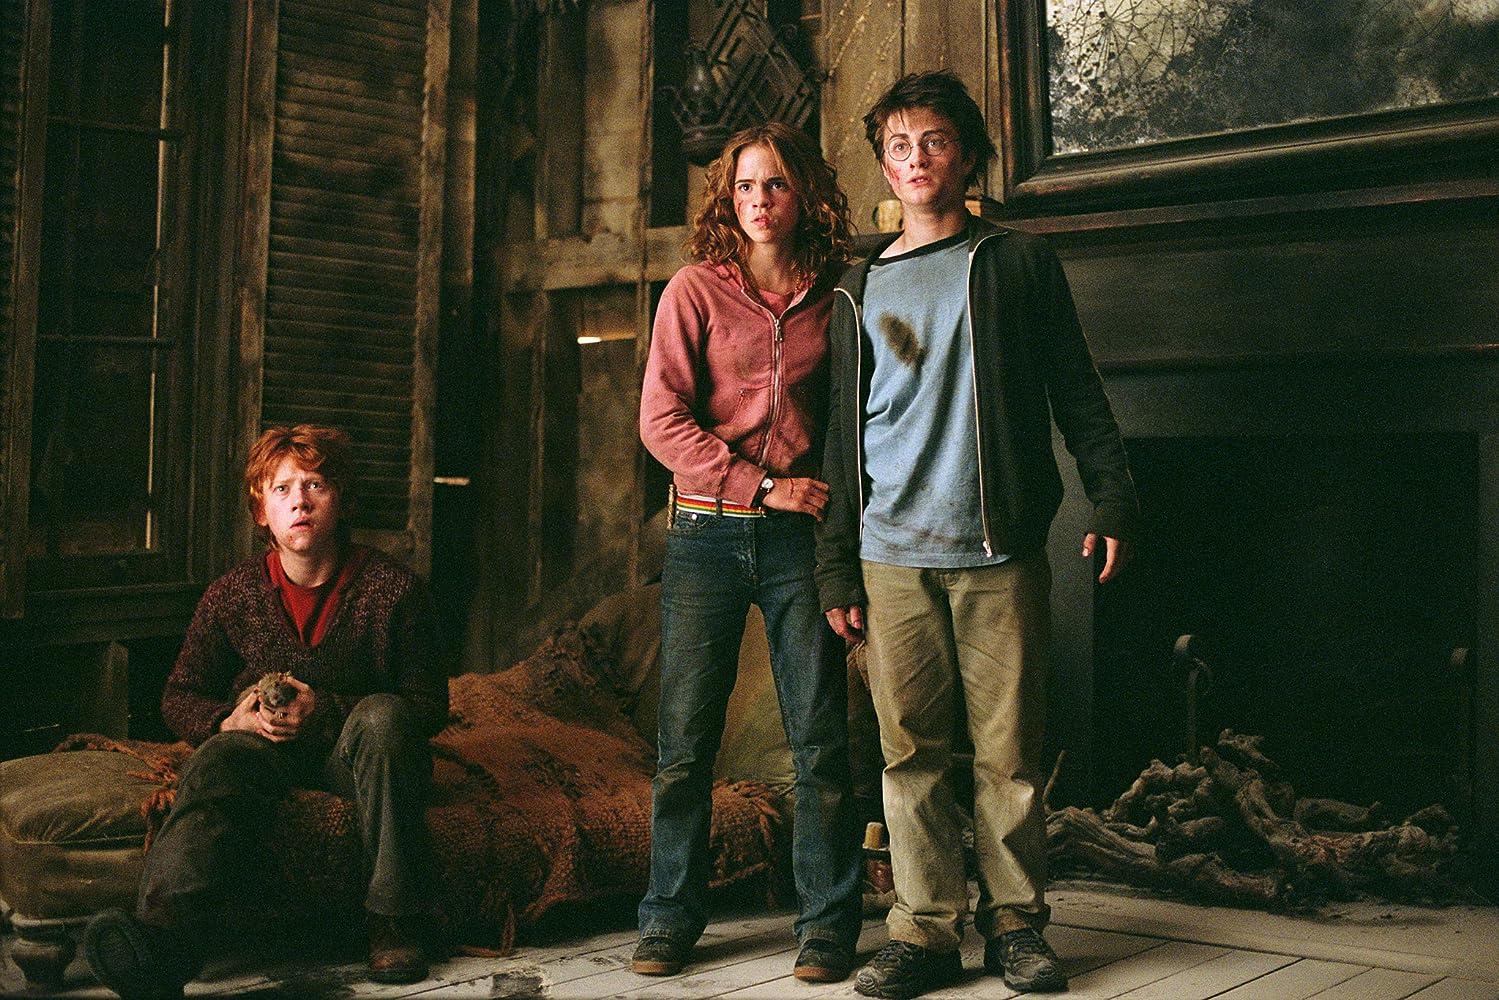 In Harry Potter and the Prisoner of Azkaban staan het verleden, heden en toekomst centraal